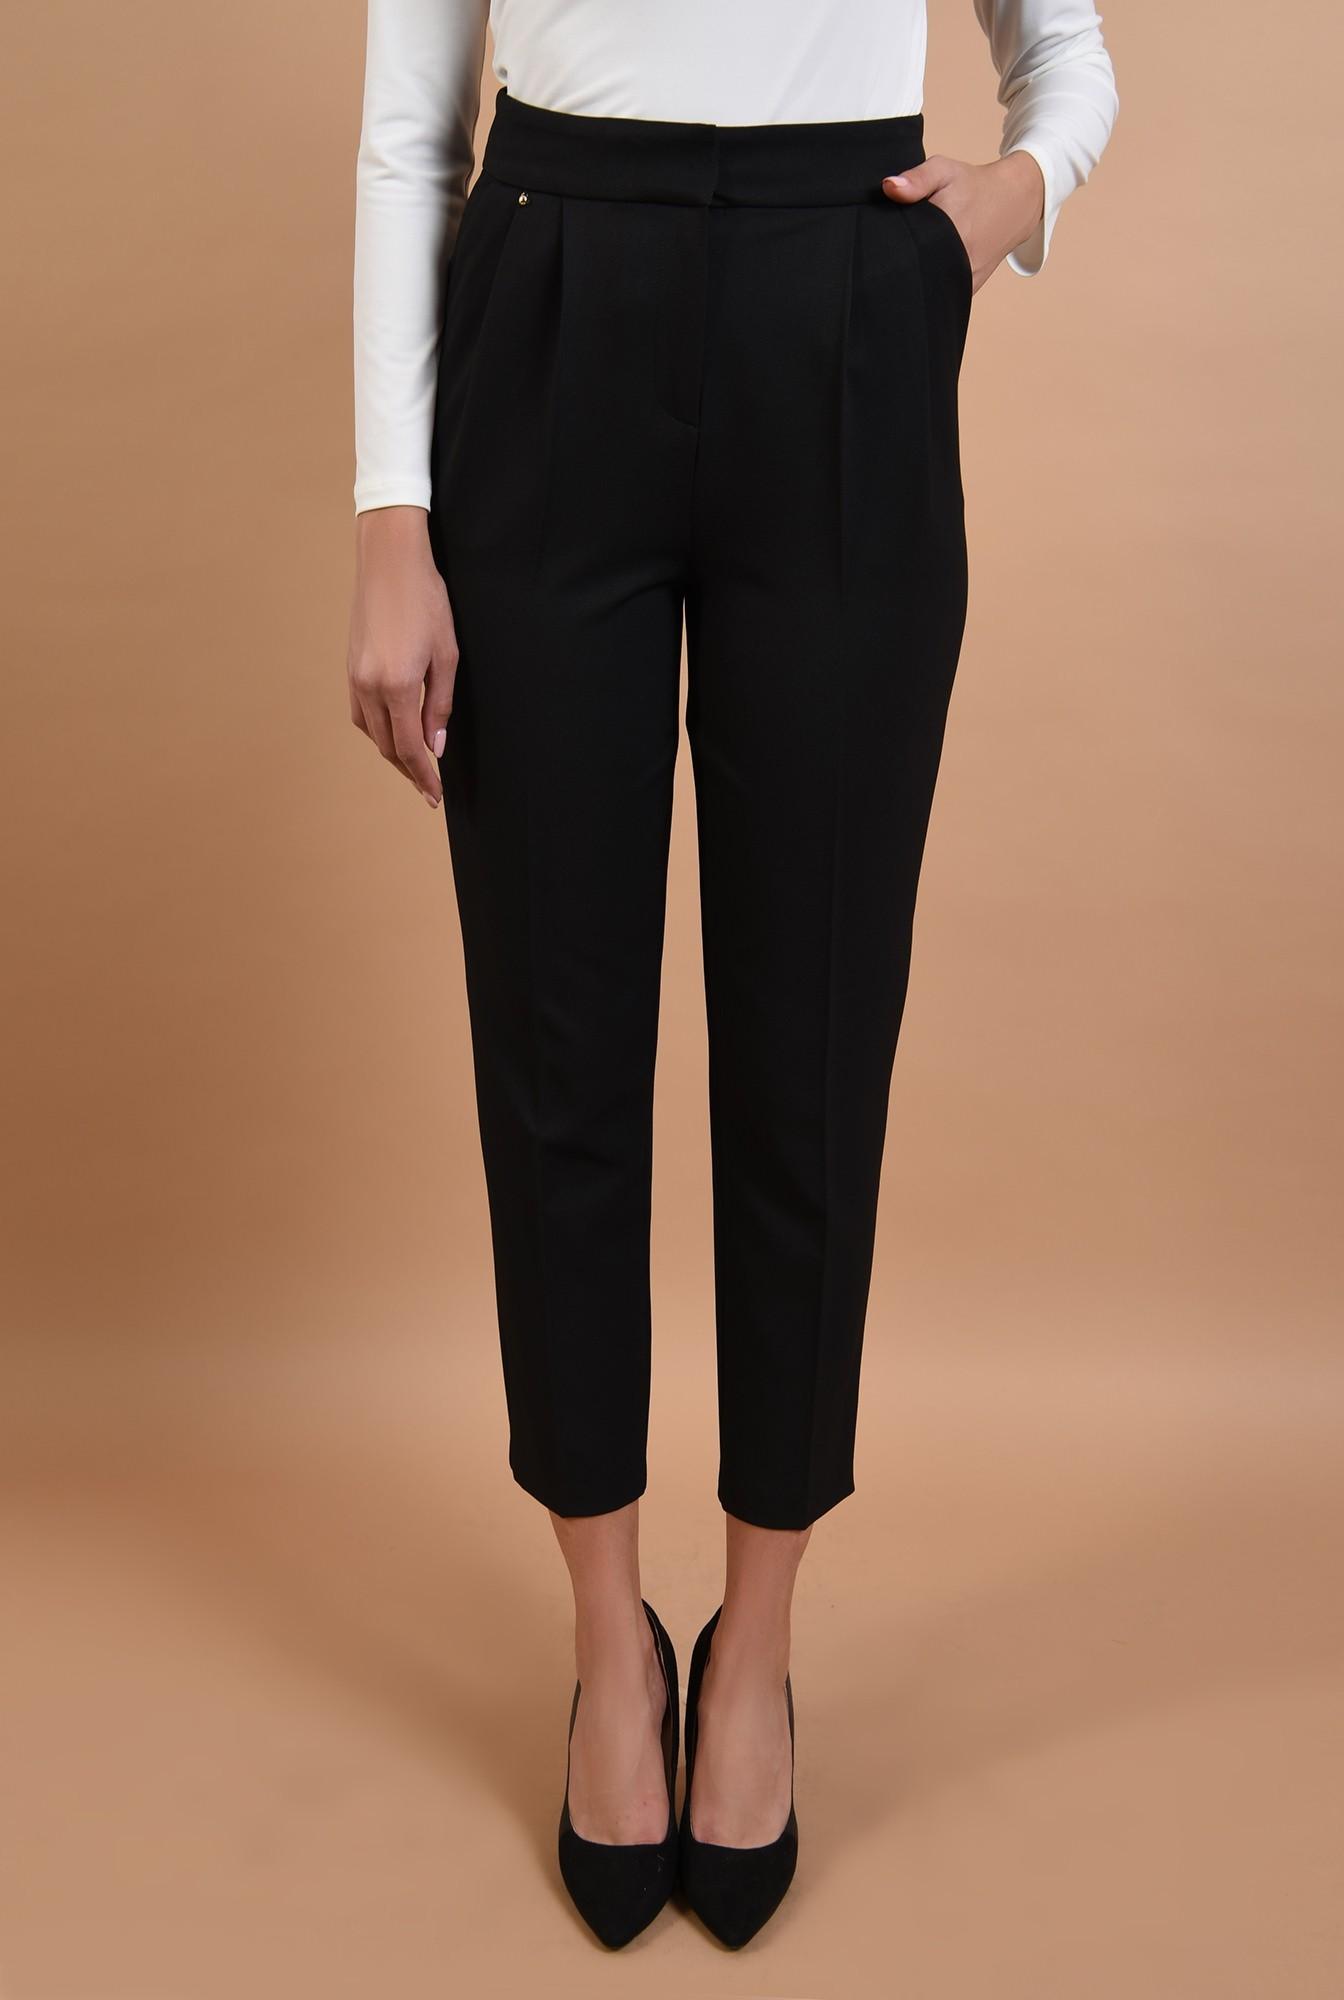 2 - pantaloni negri, conici, cu buzunare, talie inalta, cu pense, Poema